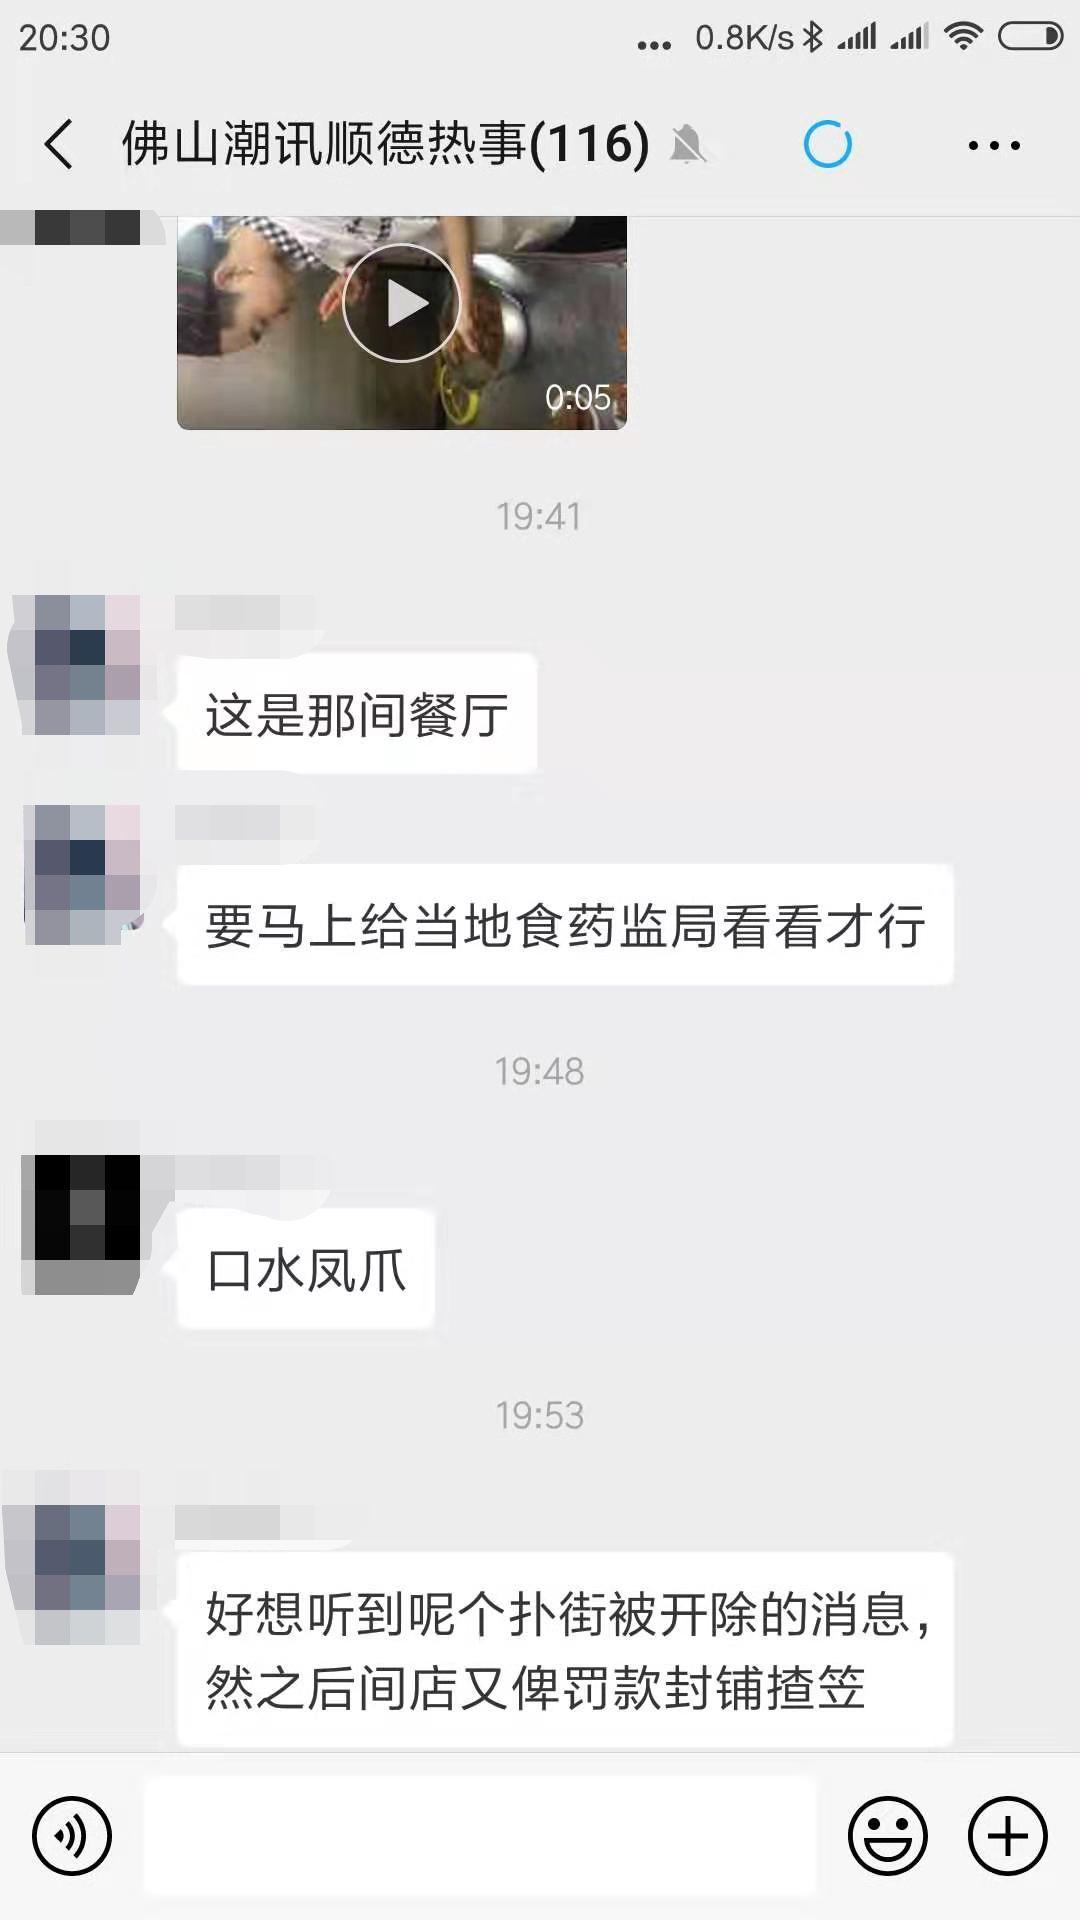 呢个人渣出名咯!一夜之间传爆广东朋友圈,全网人刮紧佢…插图6